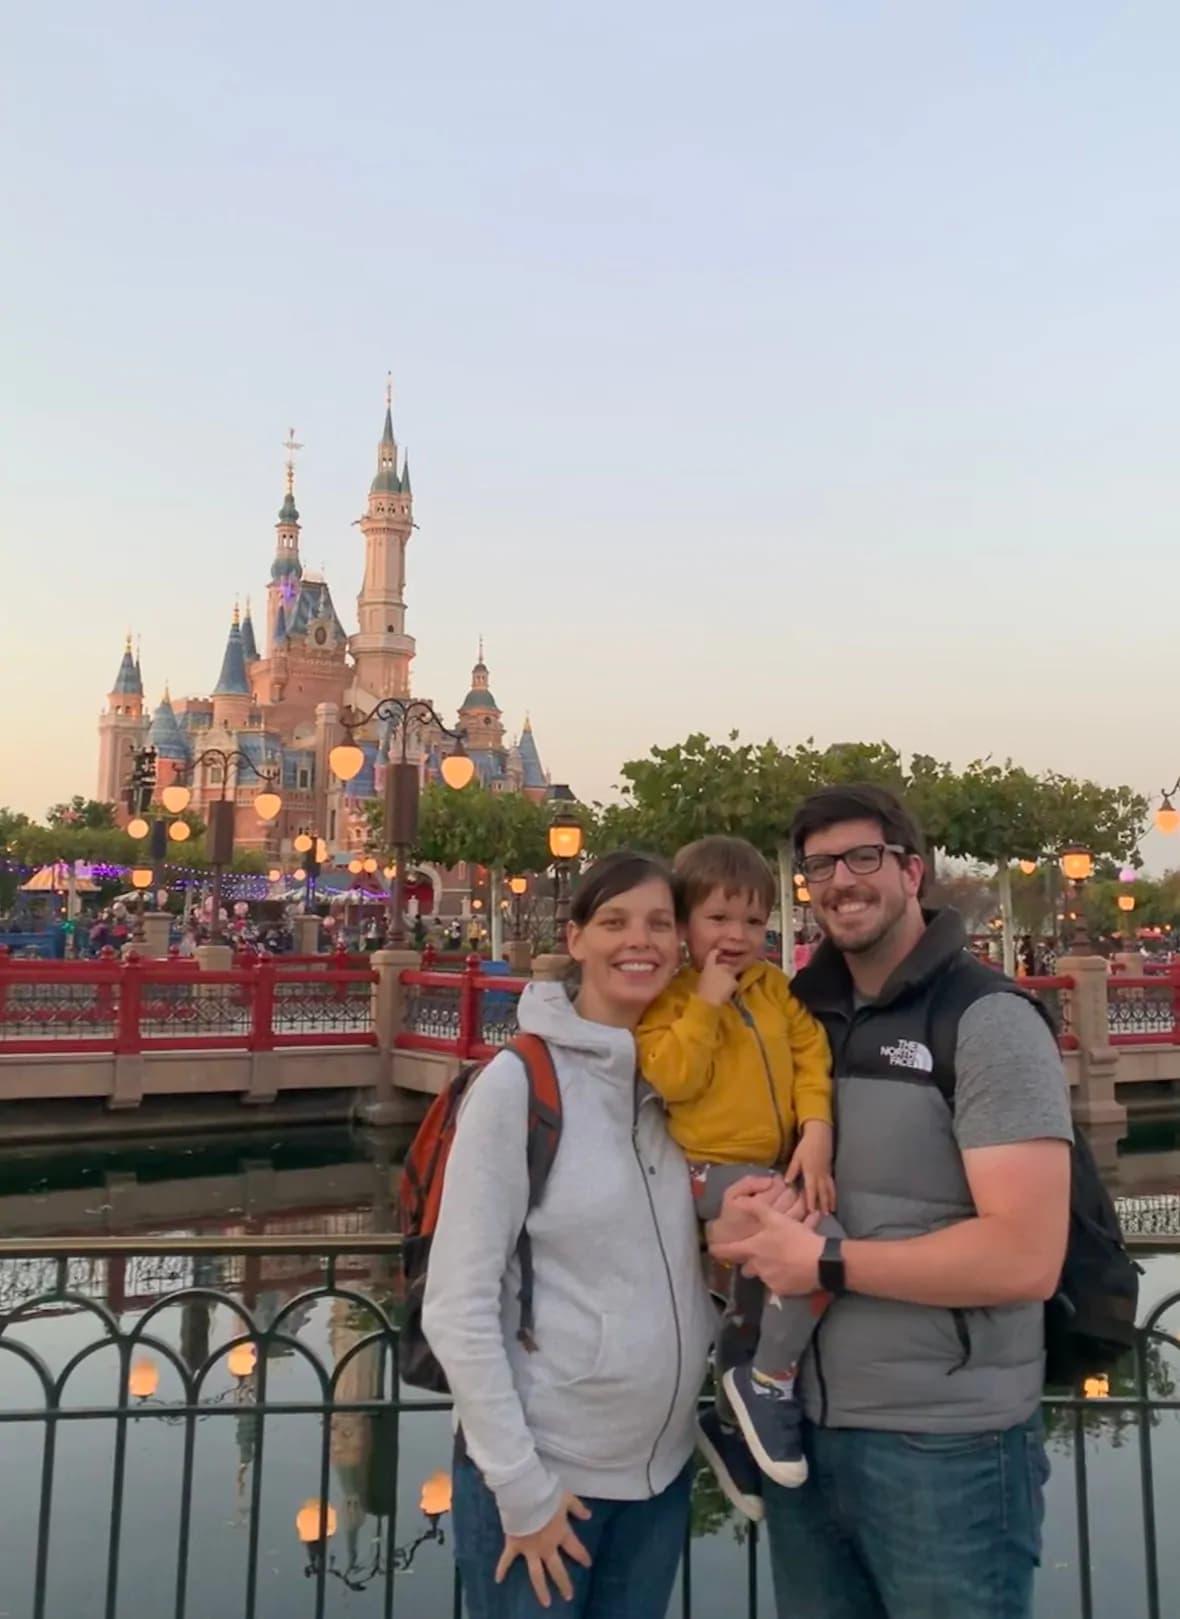 خانم باردار ۲۹ ساله کانادائی در شهر ووهان چین در انتظار راهی تا به خانه بازگردد